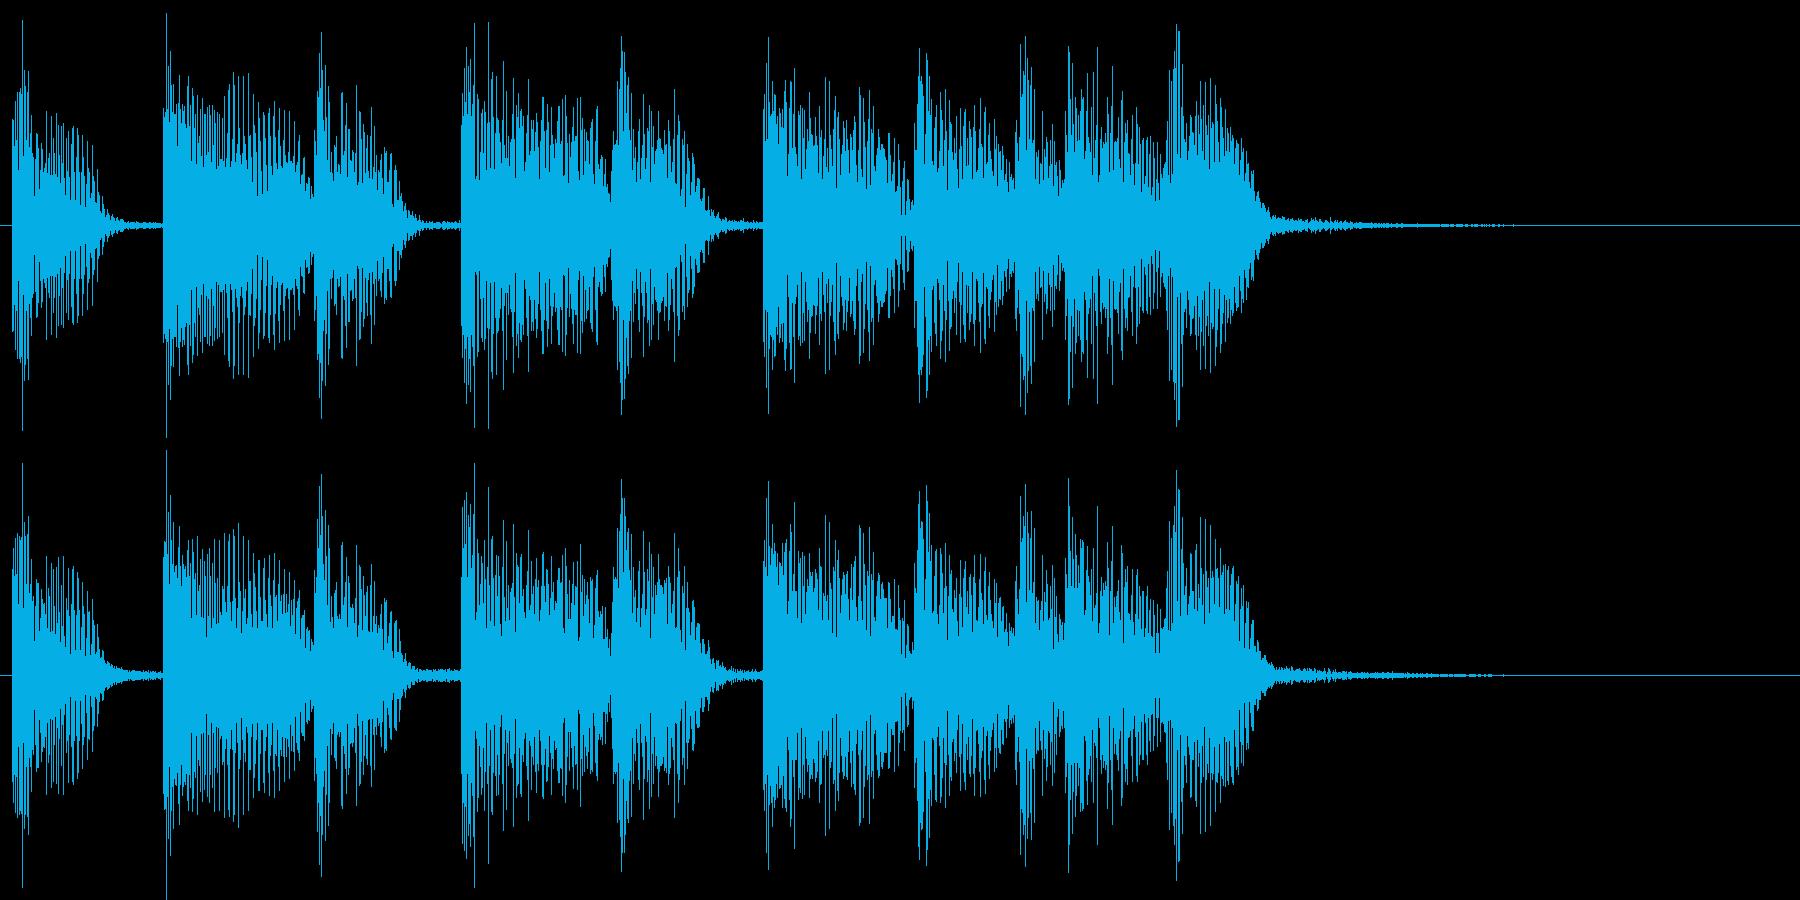 2小節ジングル08 シャッフルの再生済みの波形